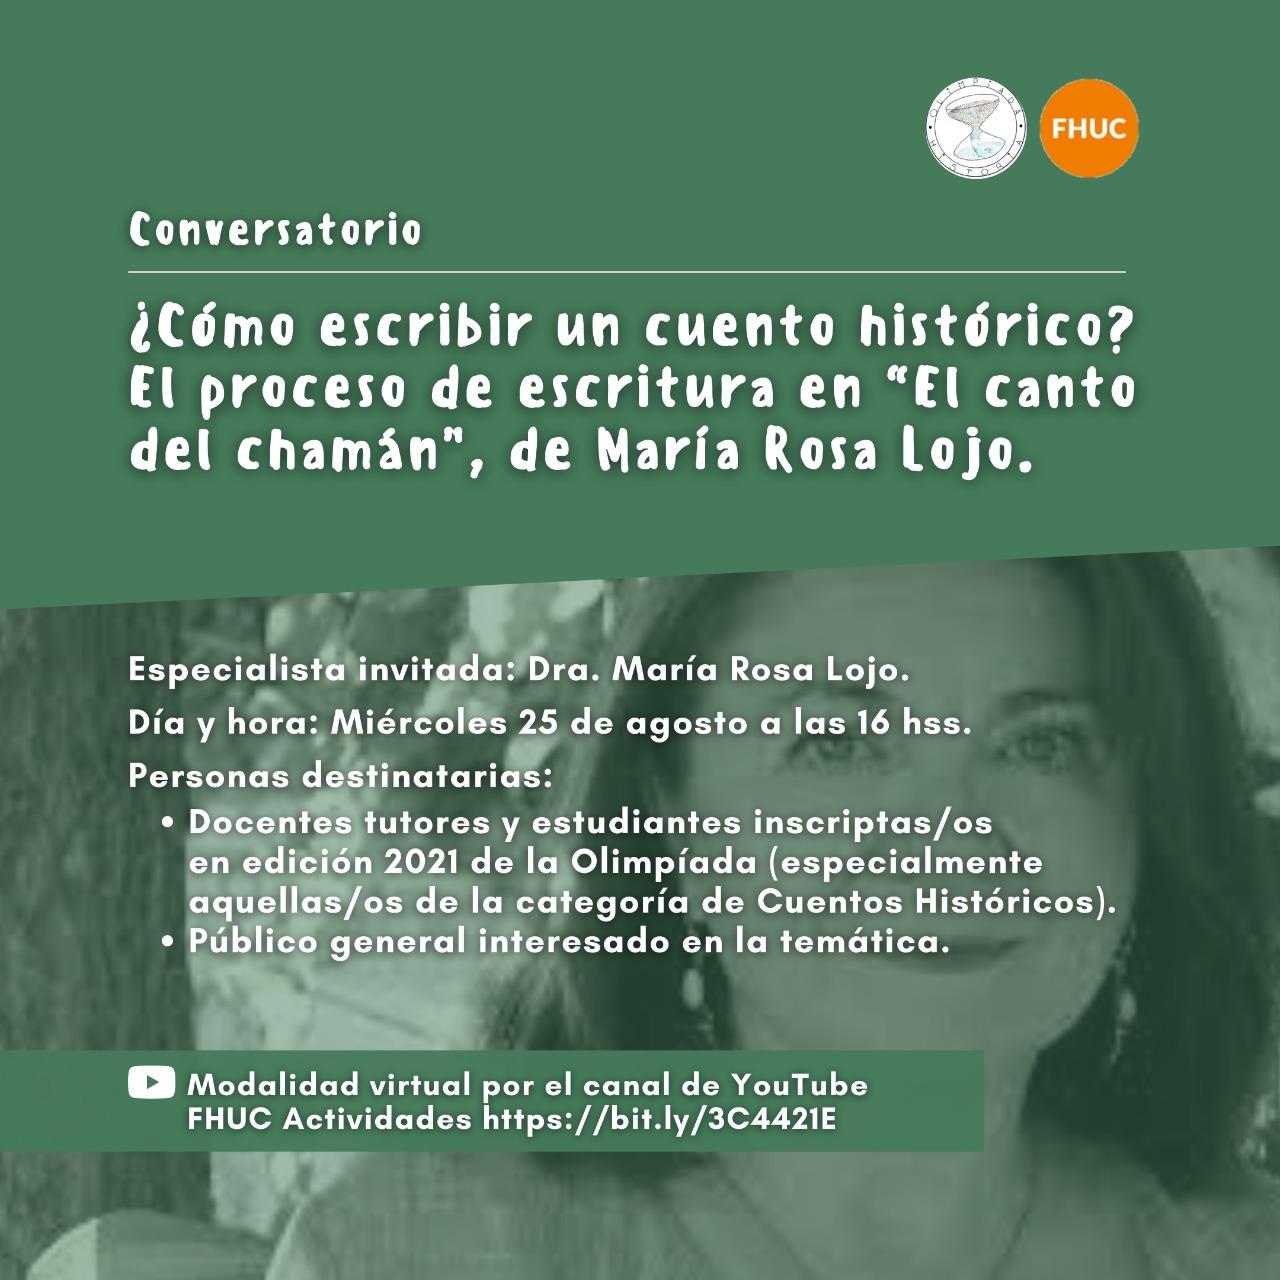 María Rosa Lojo en la Olimpíada de Historia de la Argentina. Conversatorio: ¿Cómo escribir un cuento histórico?